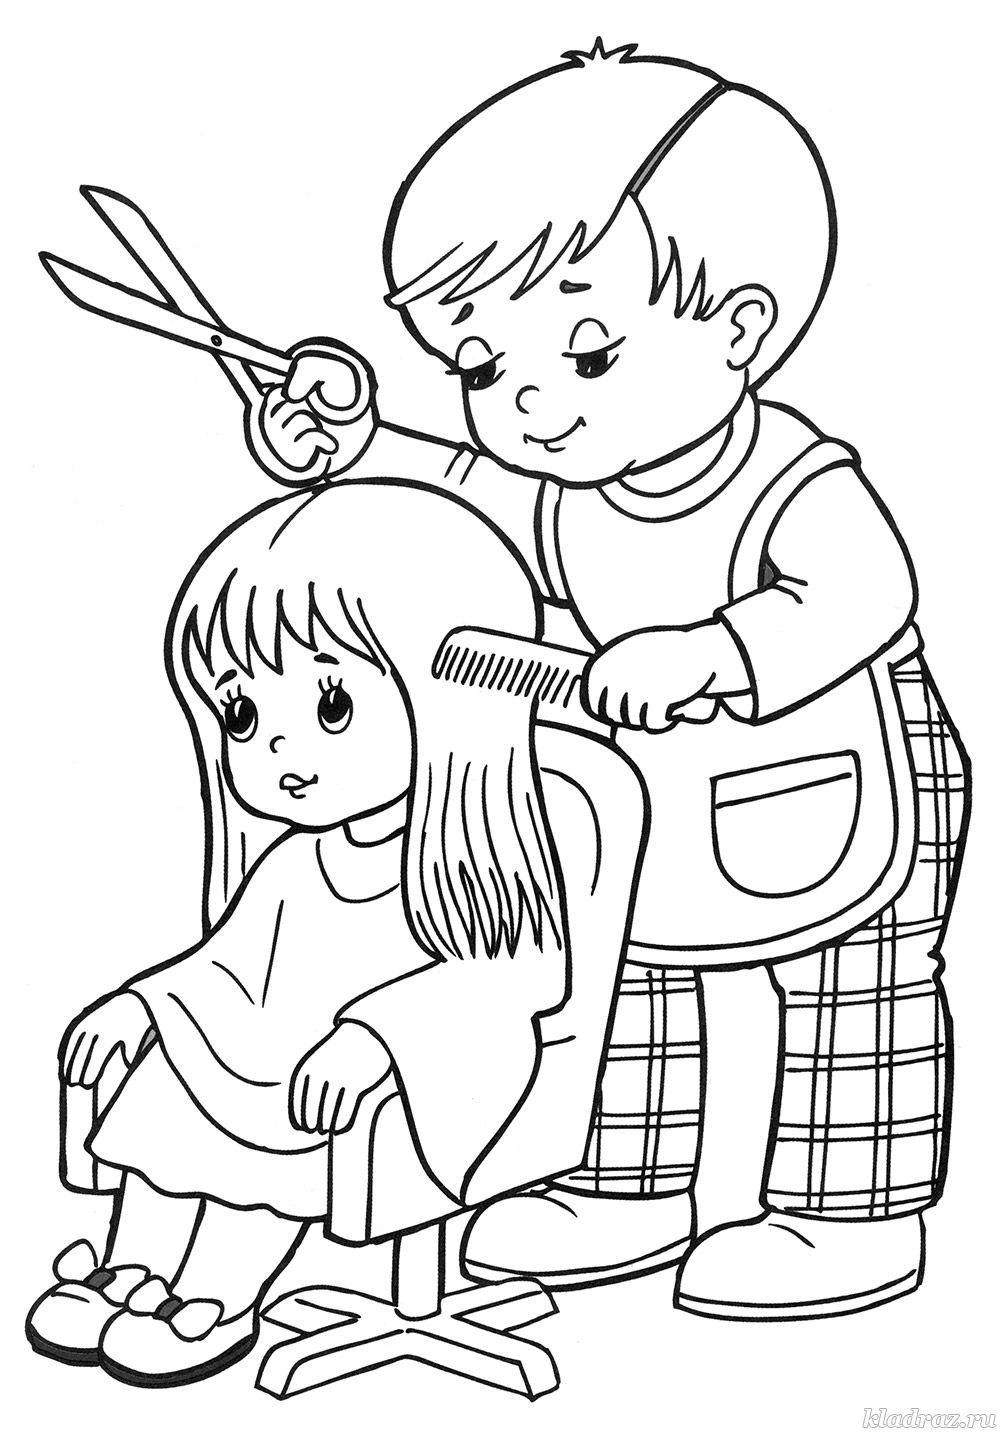 Раскраска для детей профессии